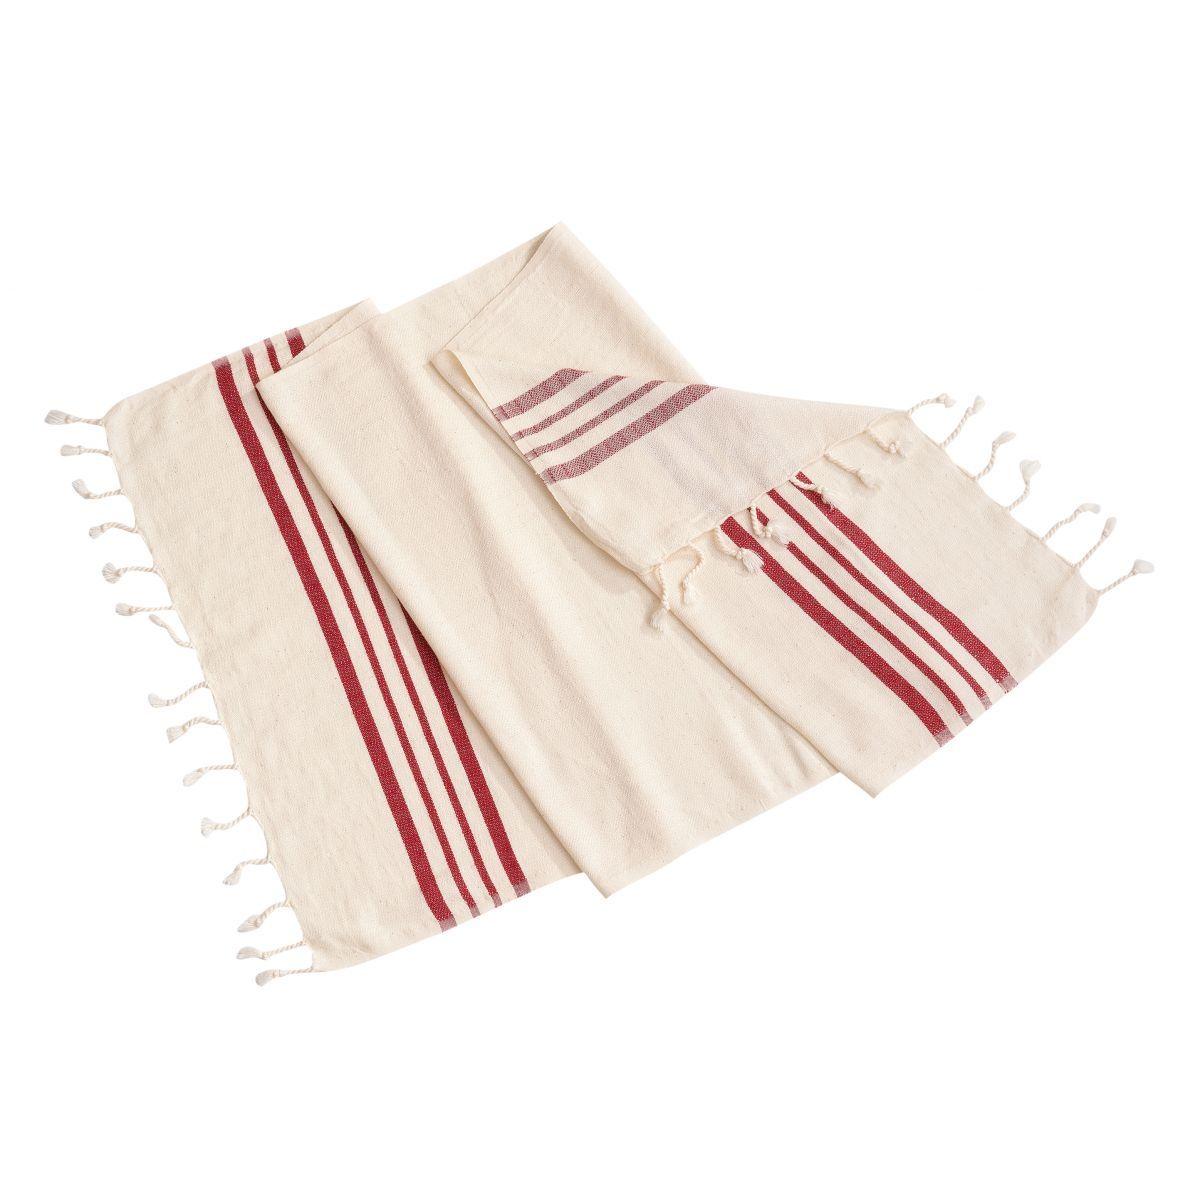 Peshkir Sultan - Bordeaux Stripes